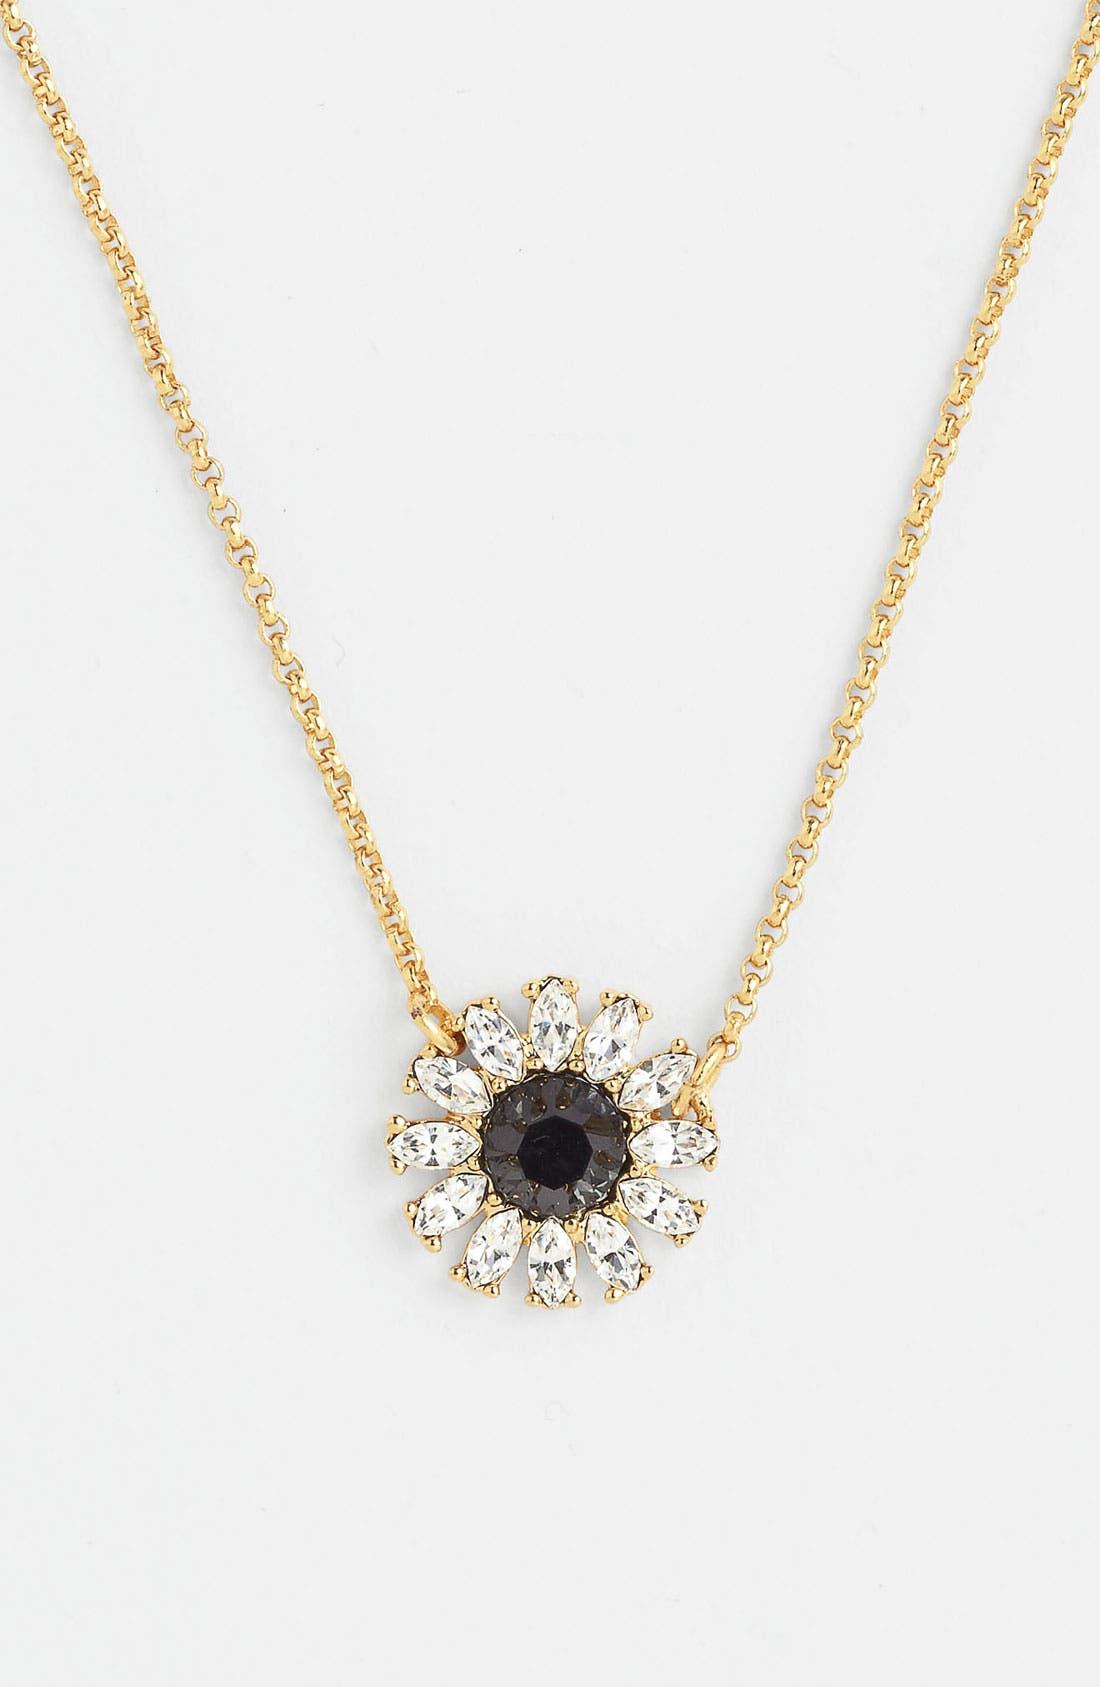 Main Image - kate spade new york 'estate garden' pendant necklace